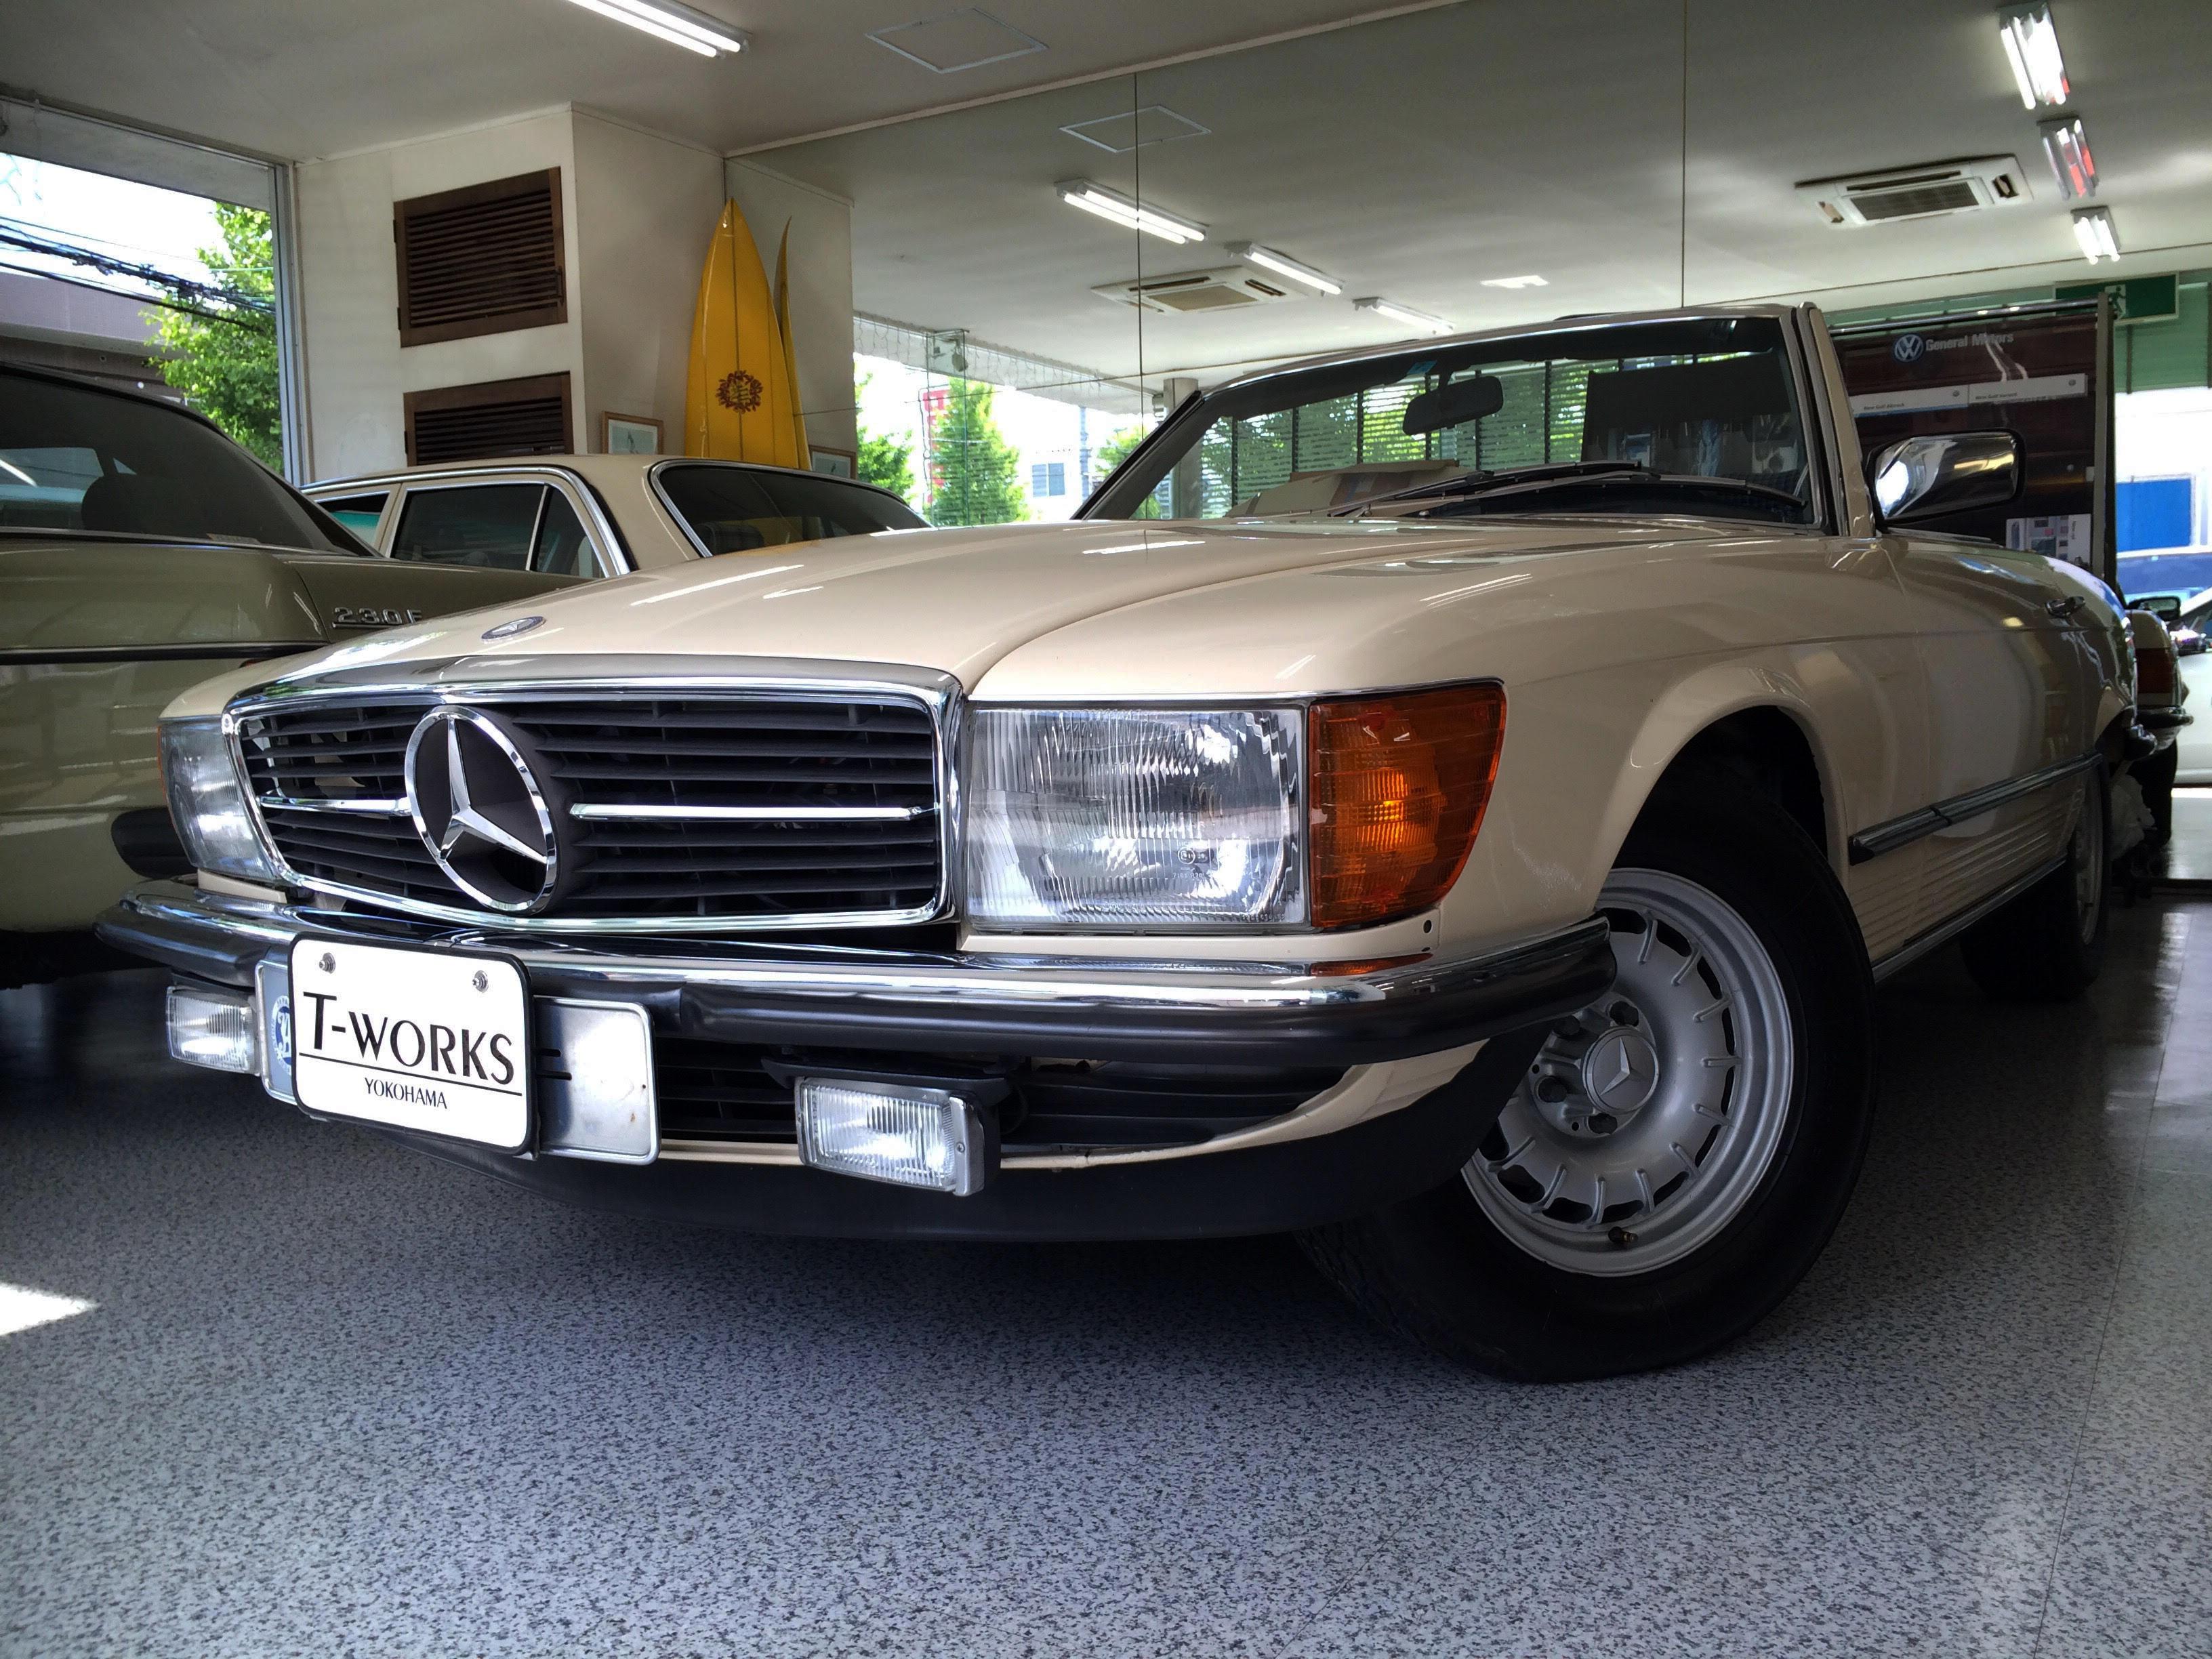 1983y M.BENZ 380SL